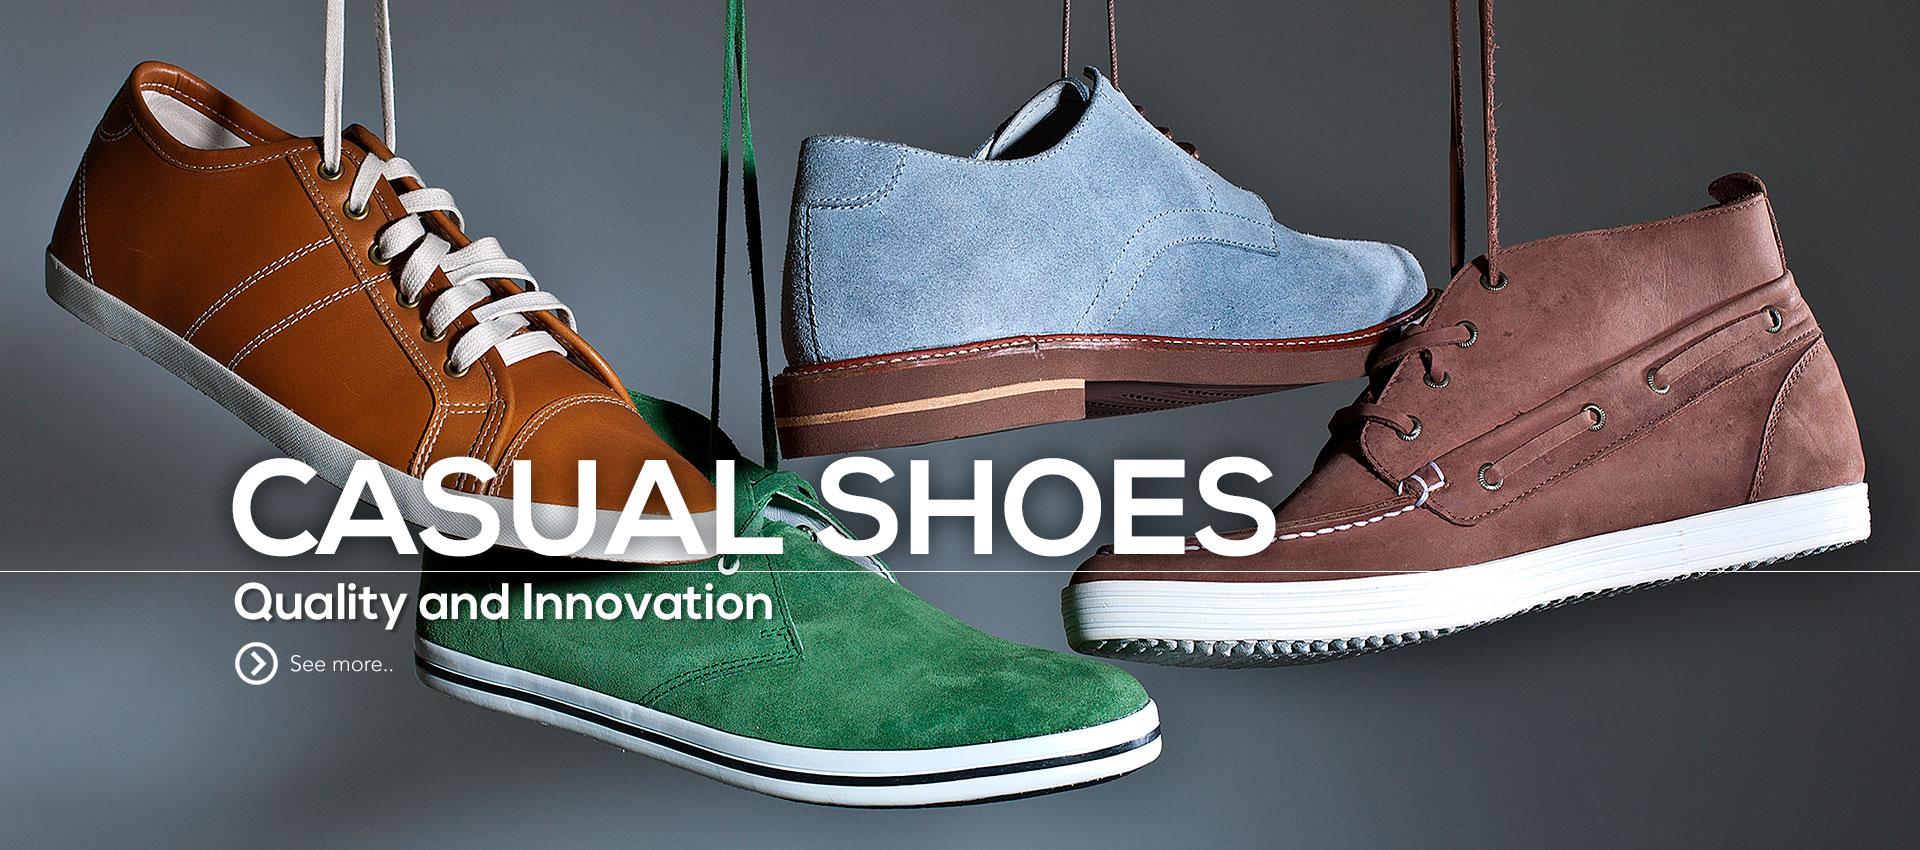 02-plastiquimica-casual-shoes